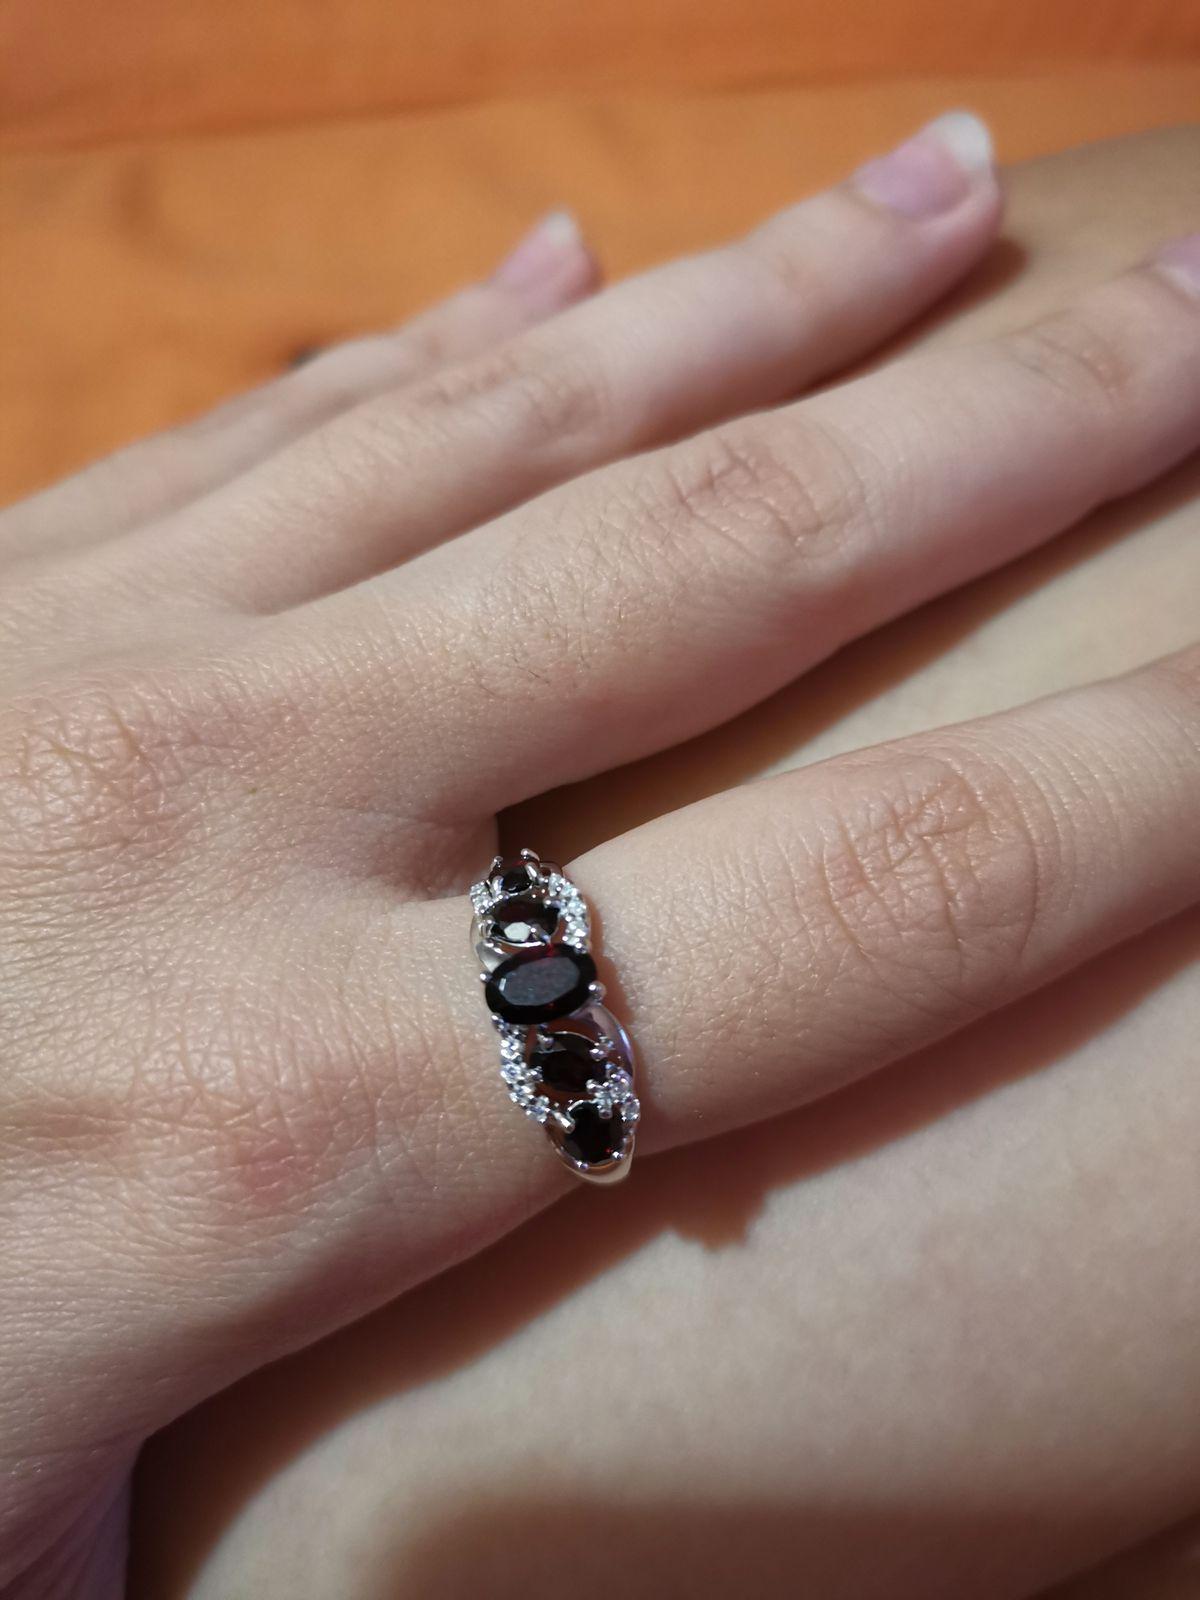 Отличное кольцо с натуральным гранатом. Маленькое и аккуратное